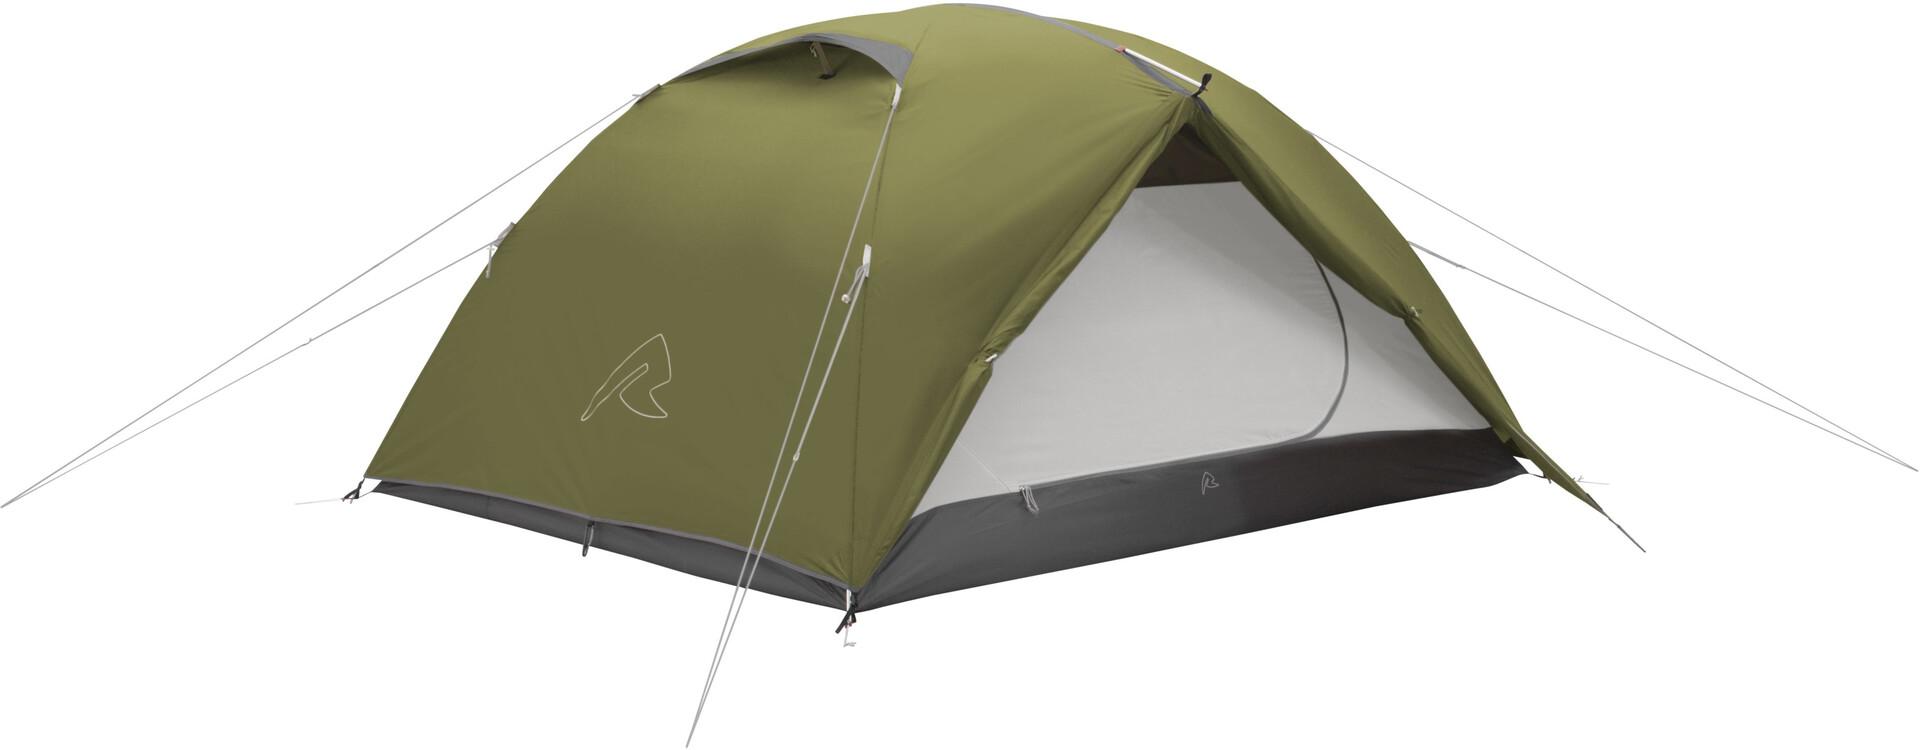 Robens Lodge 3 Tent | Gode tilbud hos addnature.no